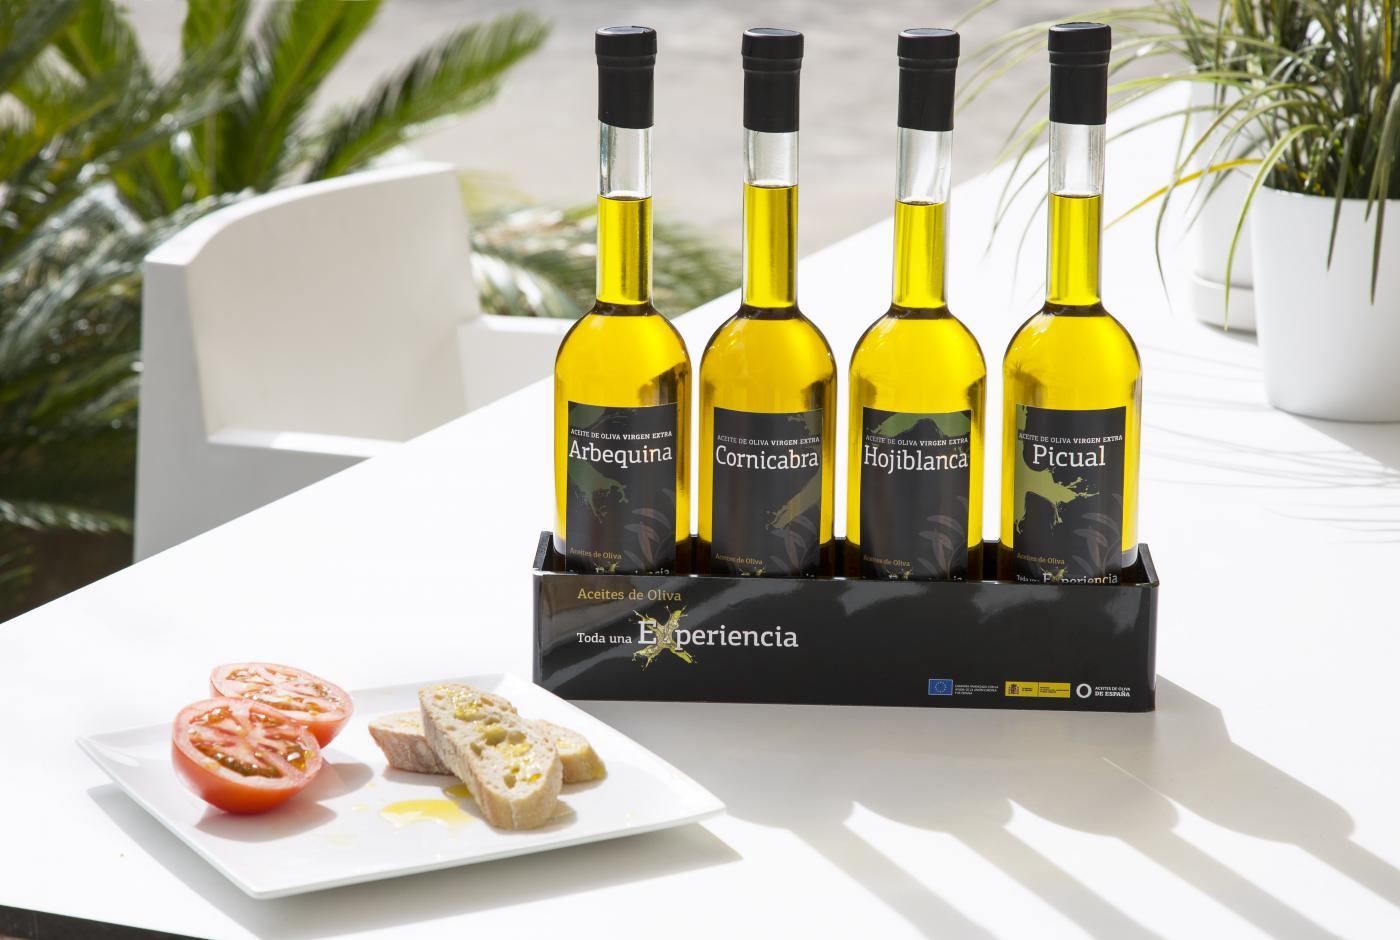 Hoteles NH y Vincci promocionan este verano los aceites de oliva